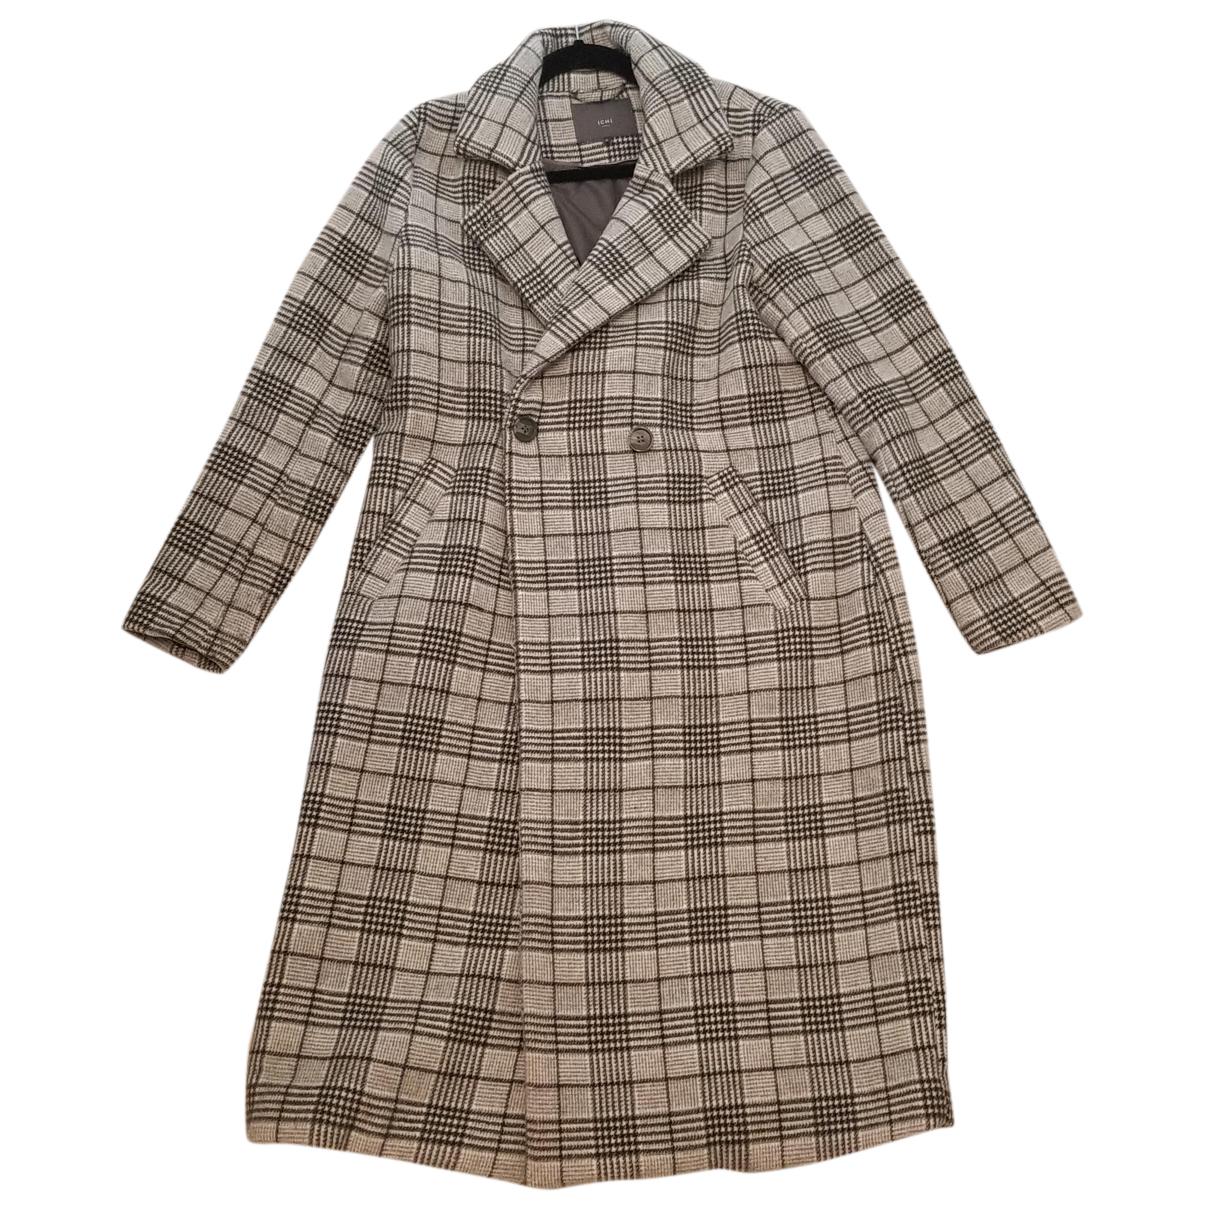 Ichi - Manteau   pour femme - multicolore